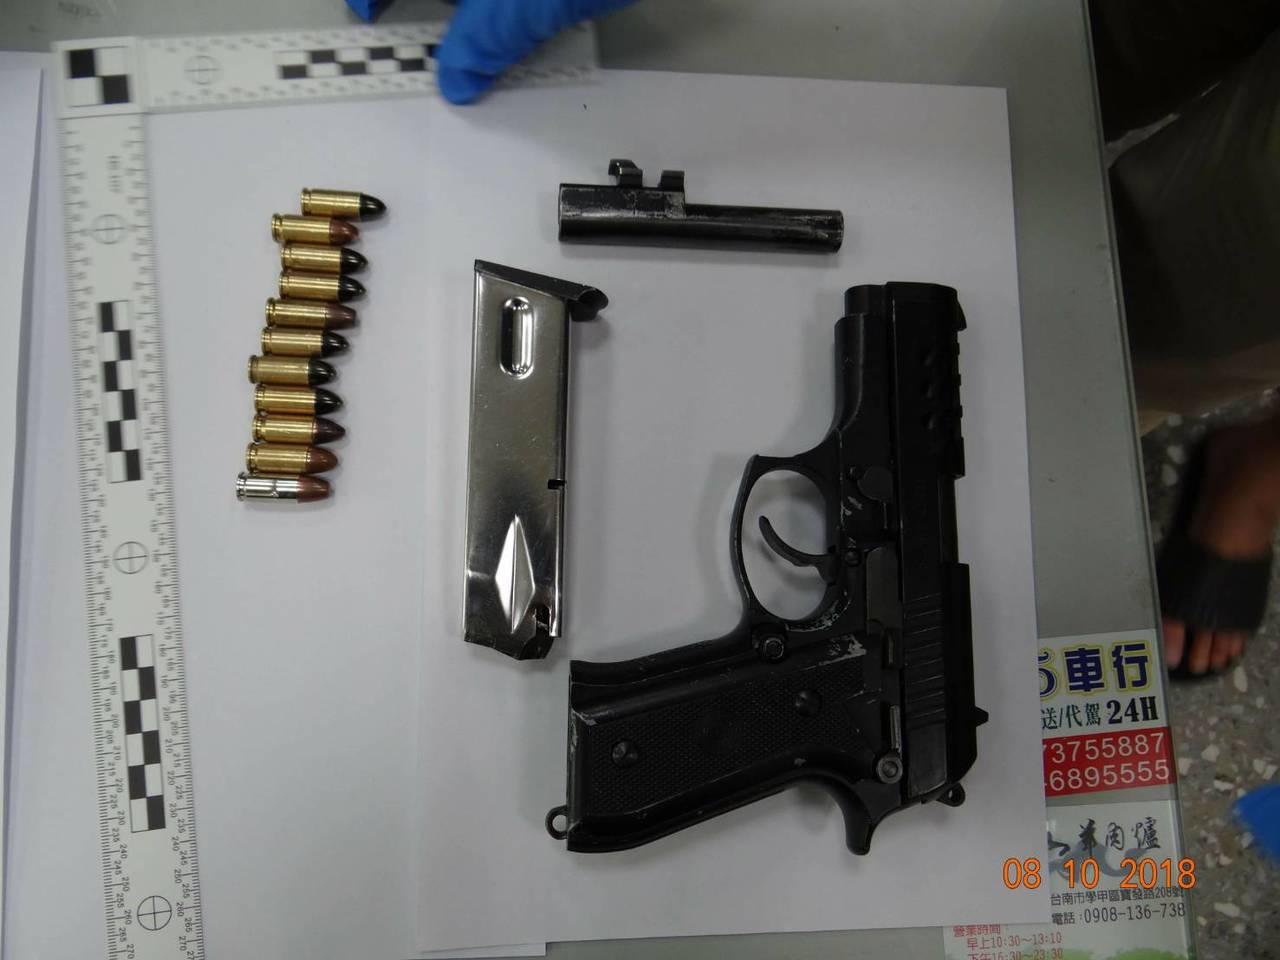 學甲警分局查獲改造手槍。圖/學甲警分局提供